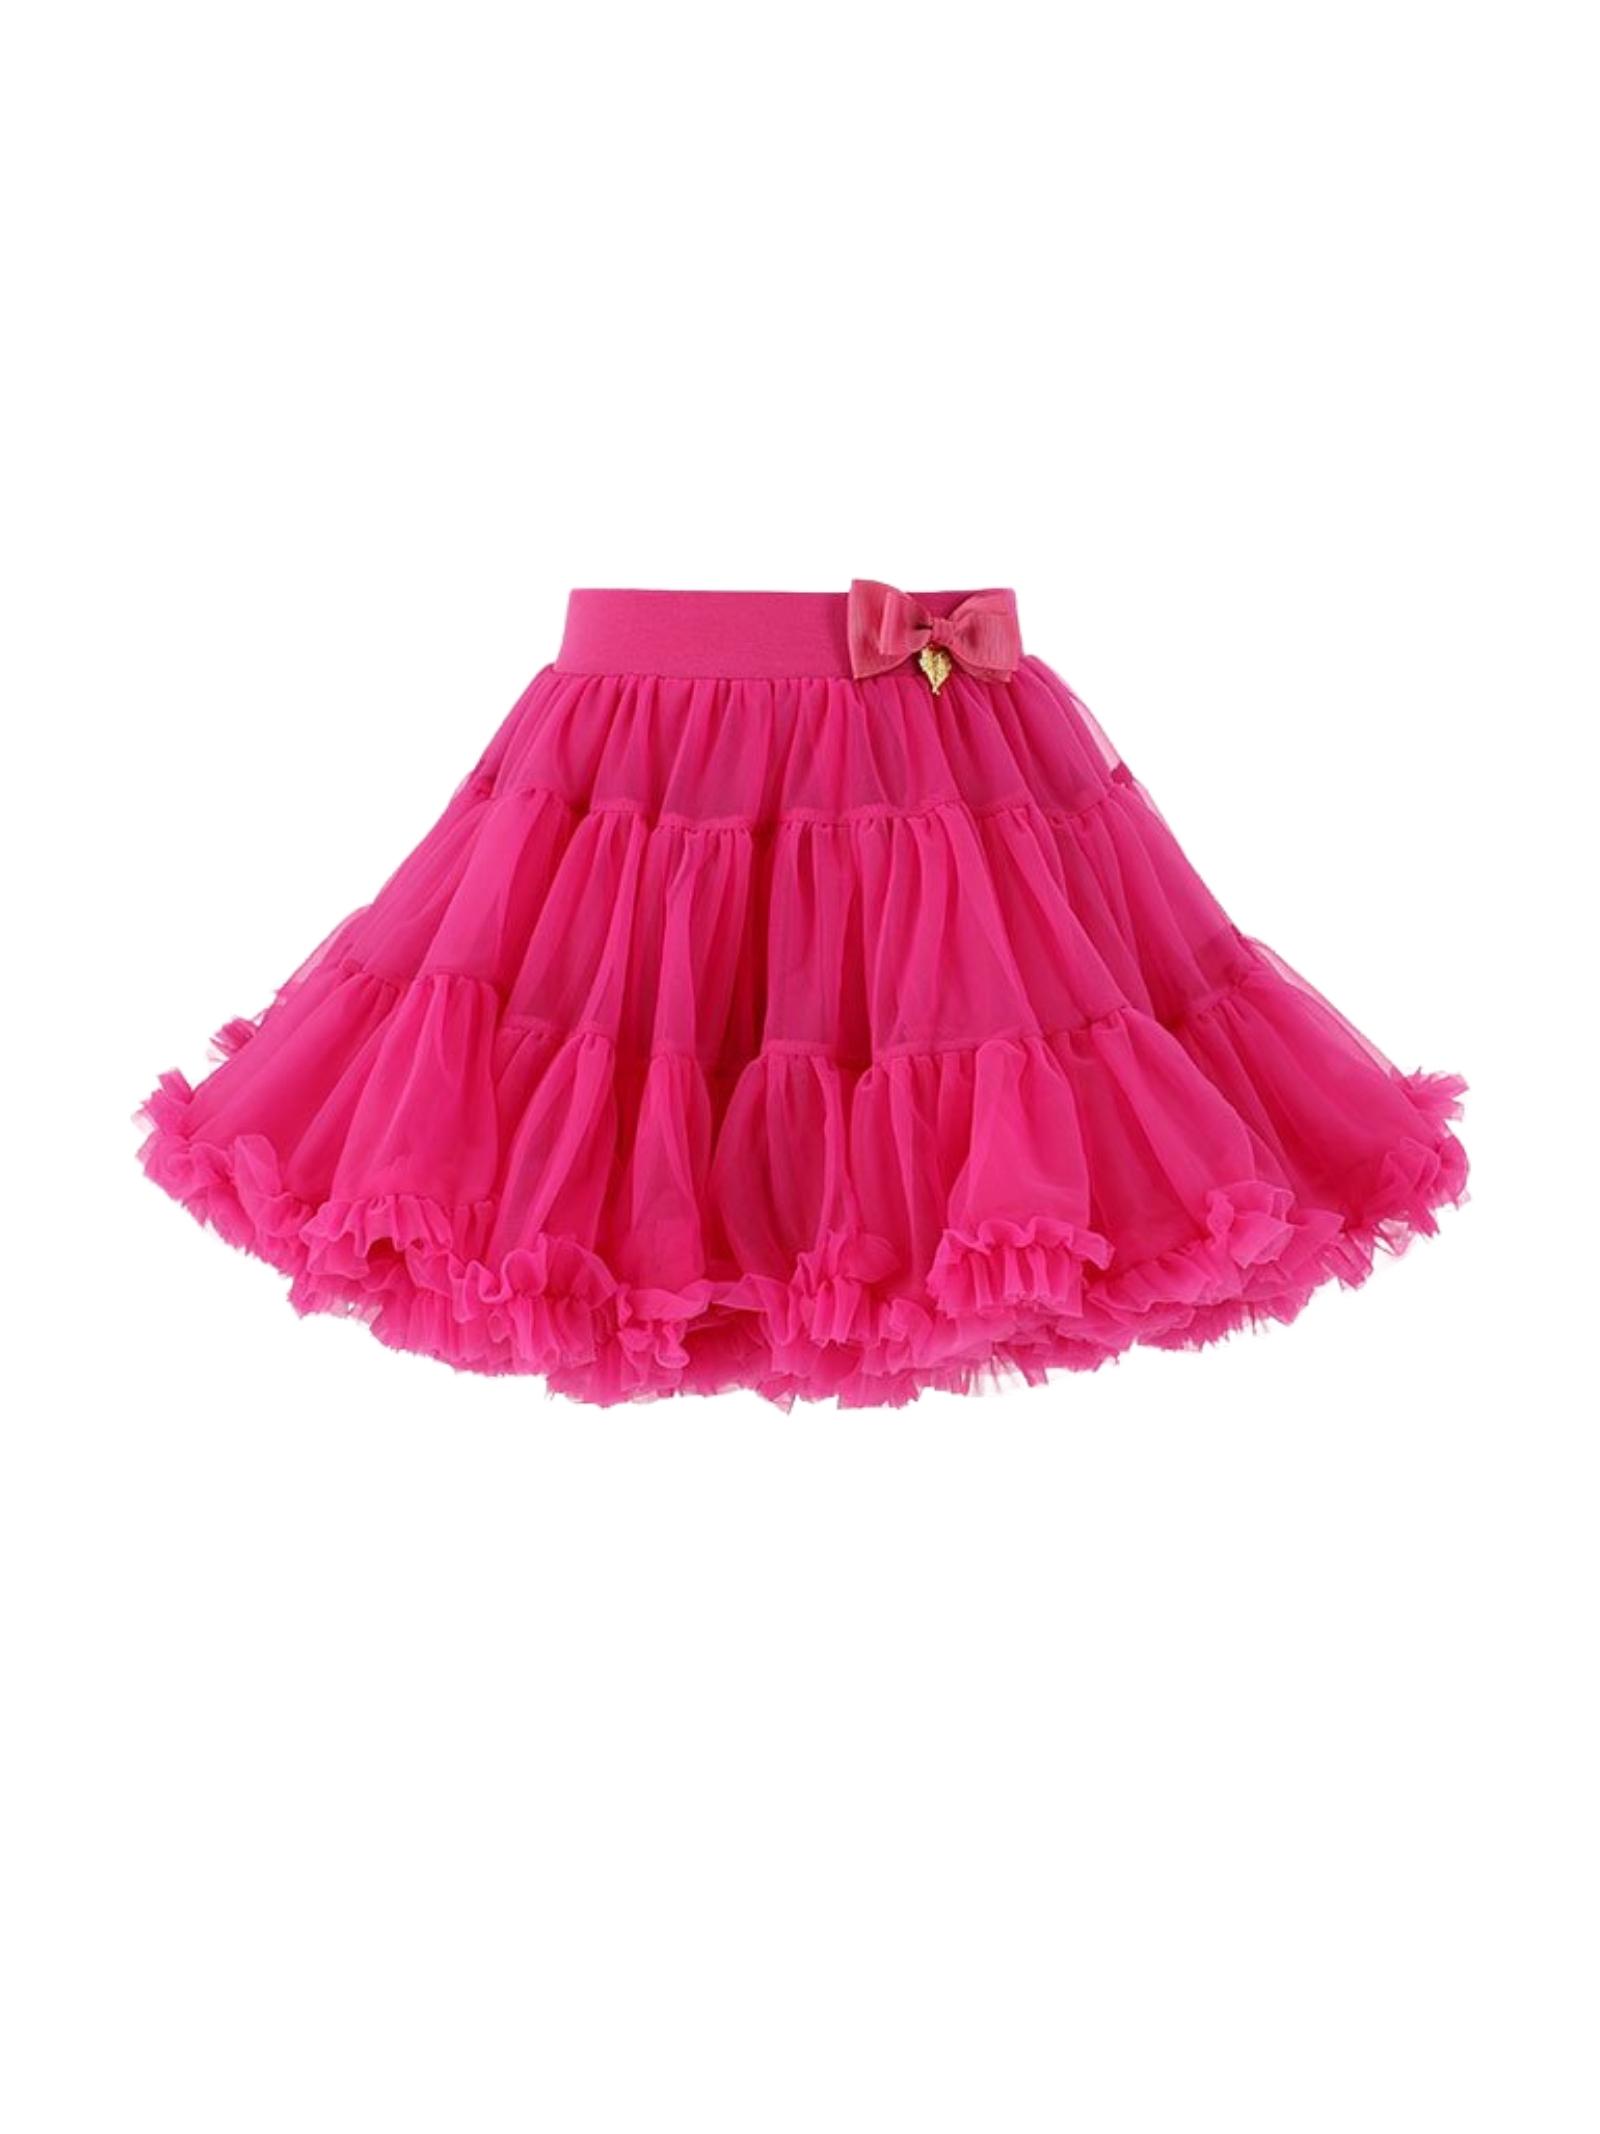 Pop Pink Pixie Tutu Girl Skirt ANGEL'S FACE | Skirts | PIXIEPOP PINK